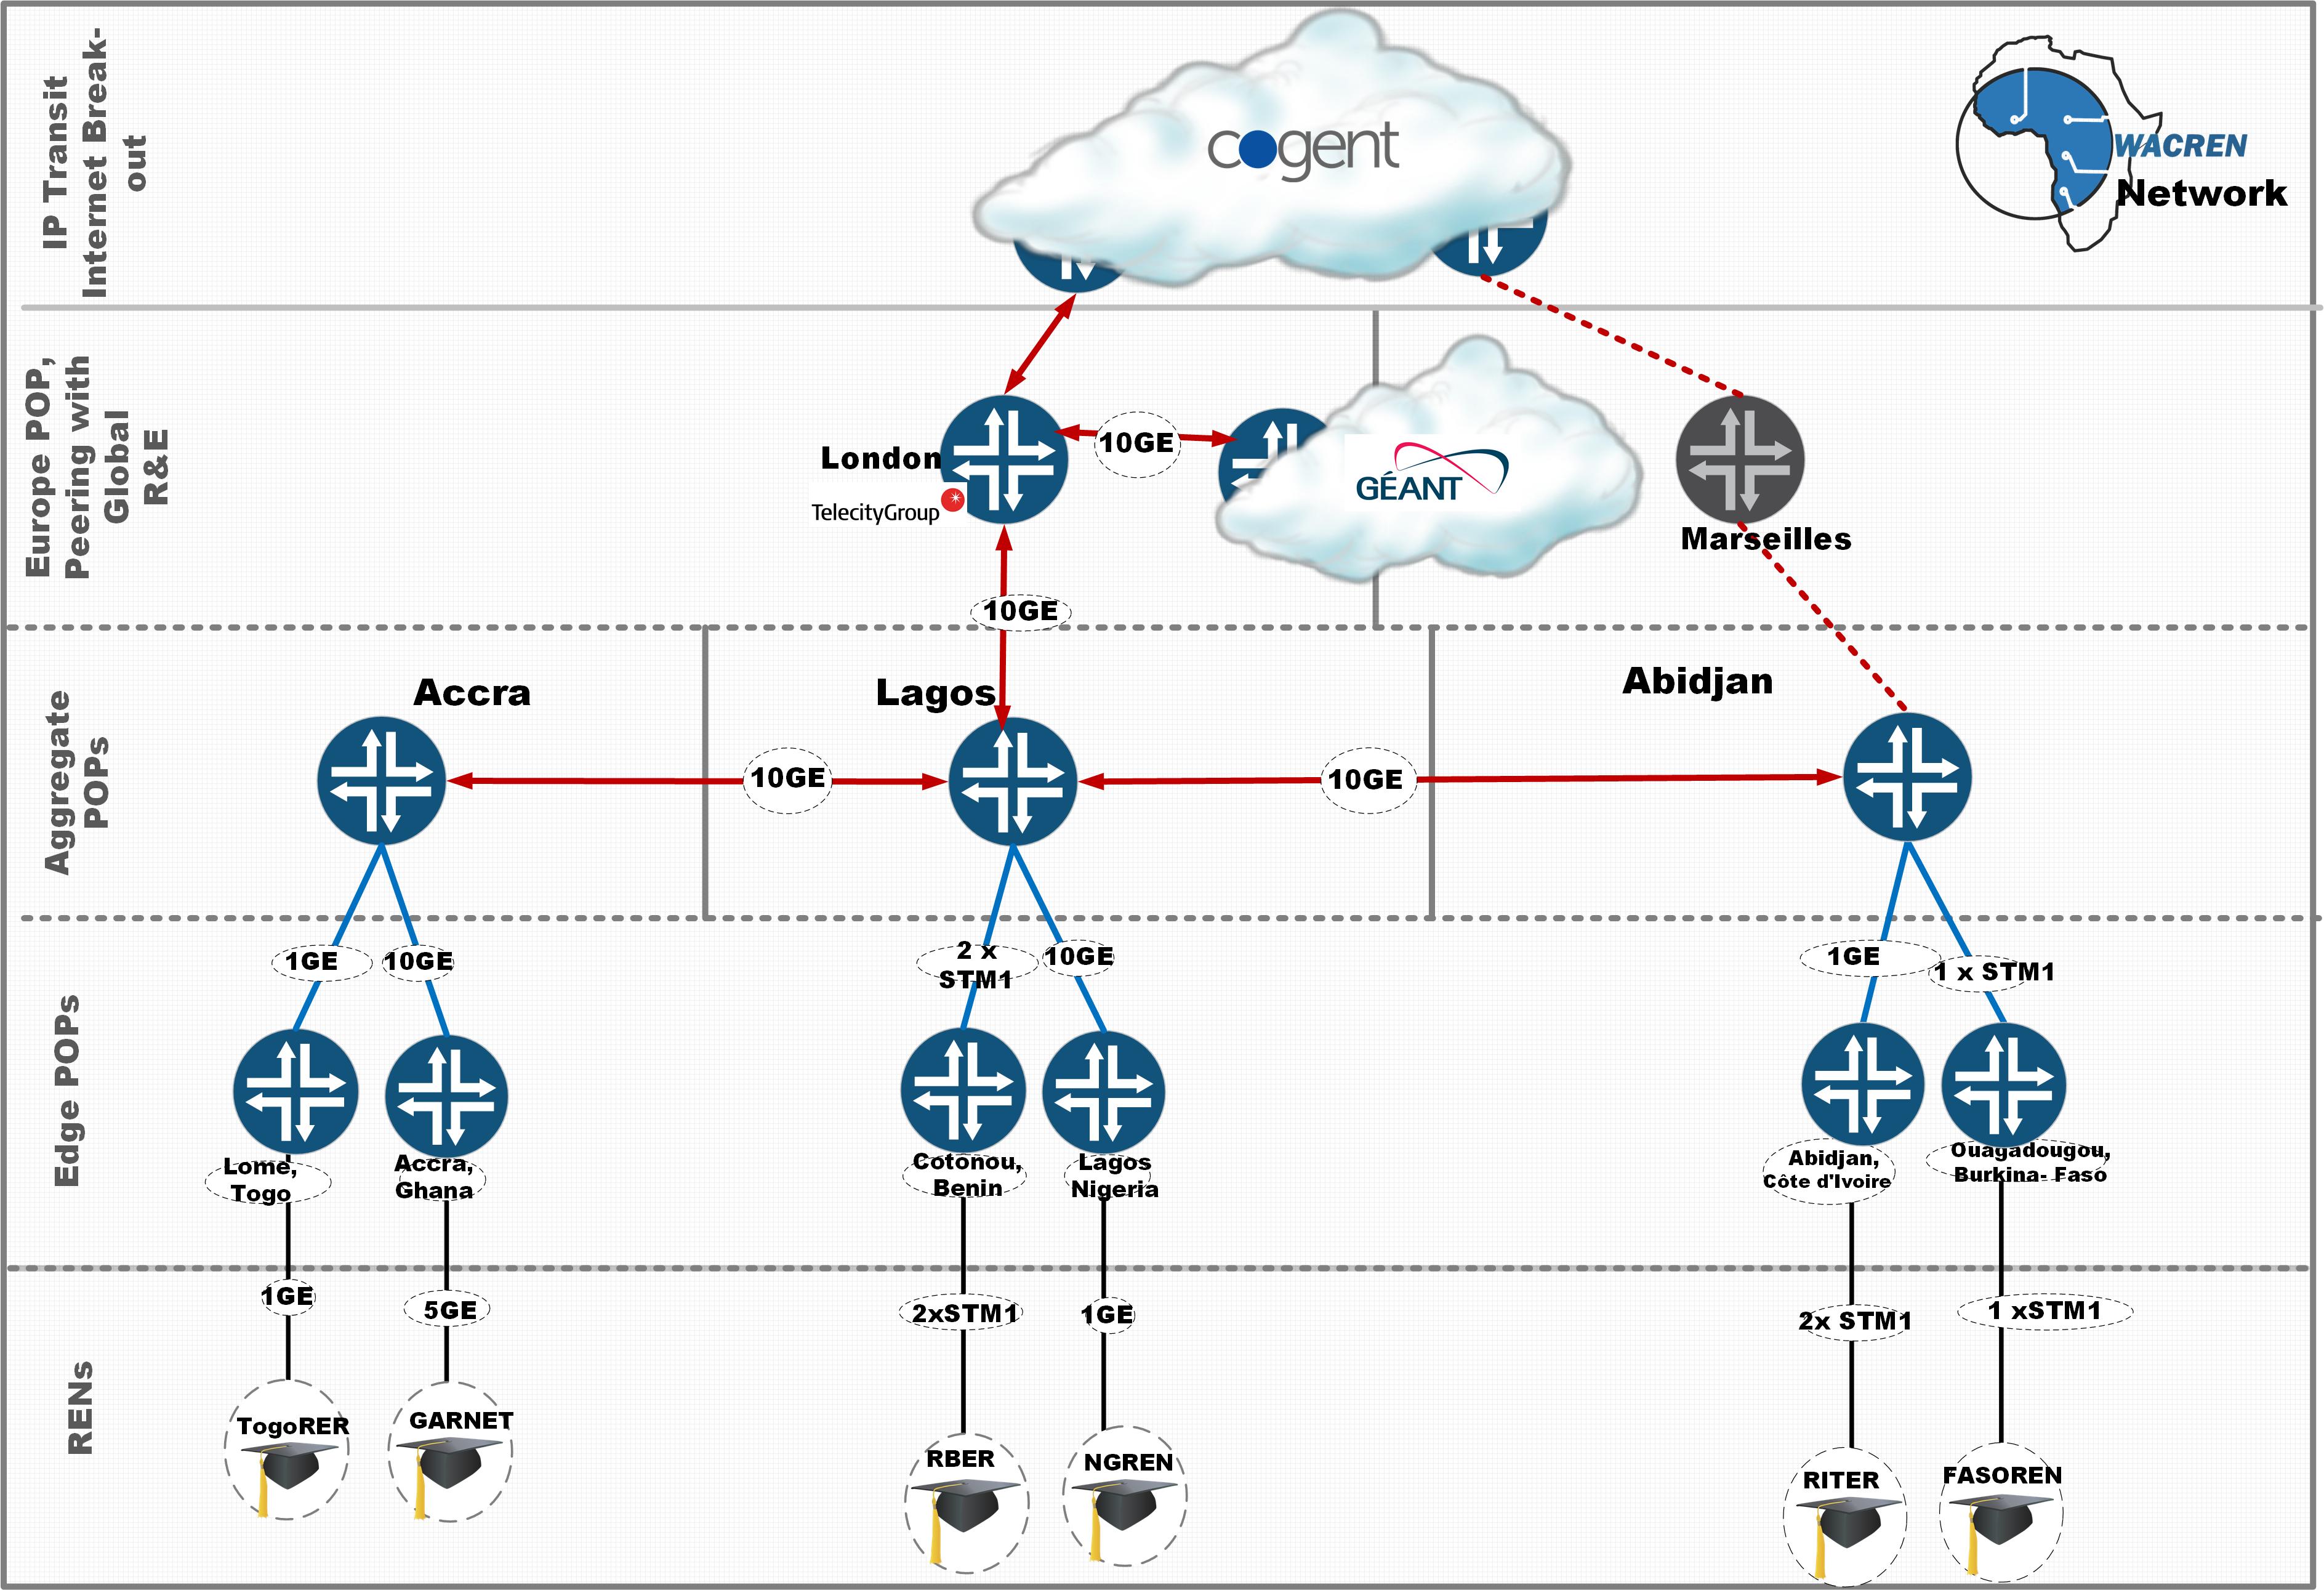 WACREN network topology